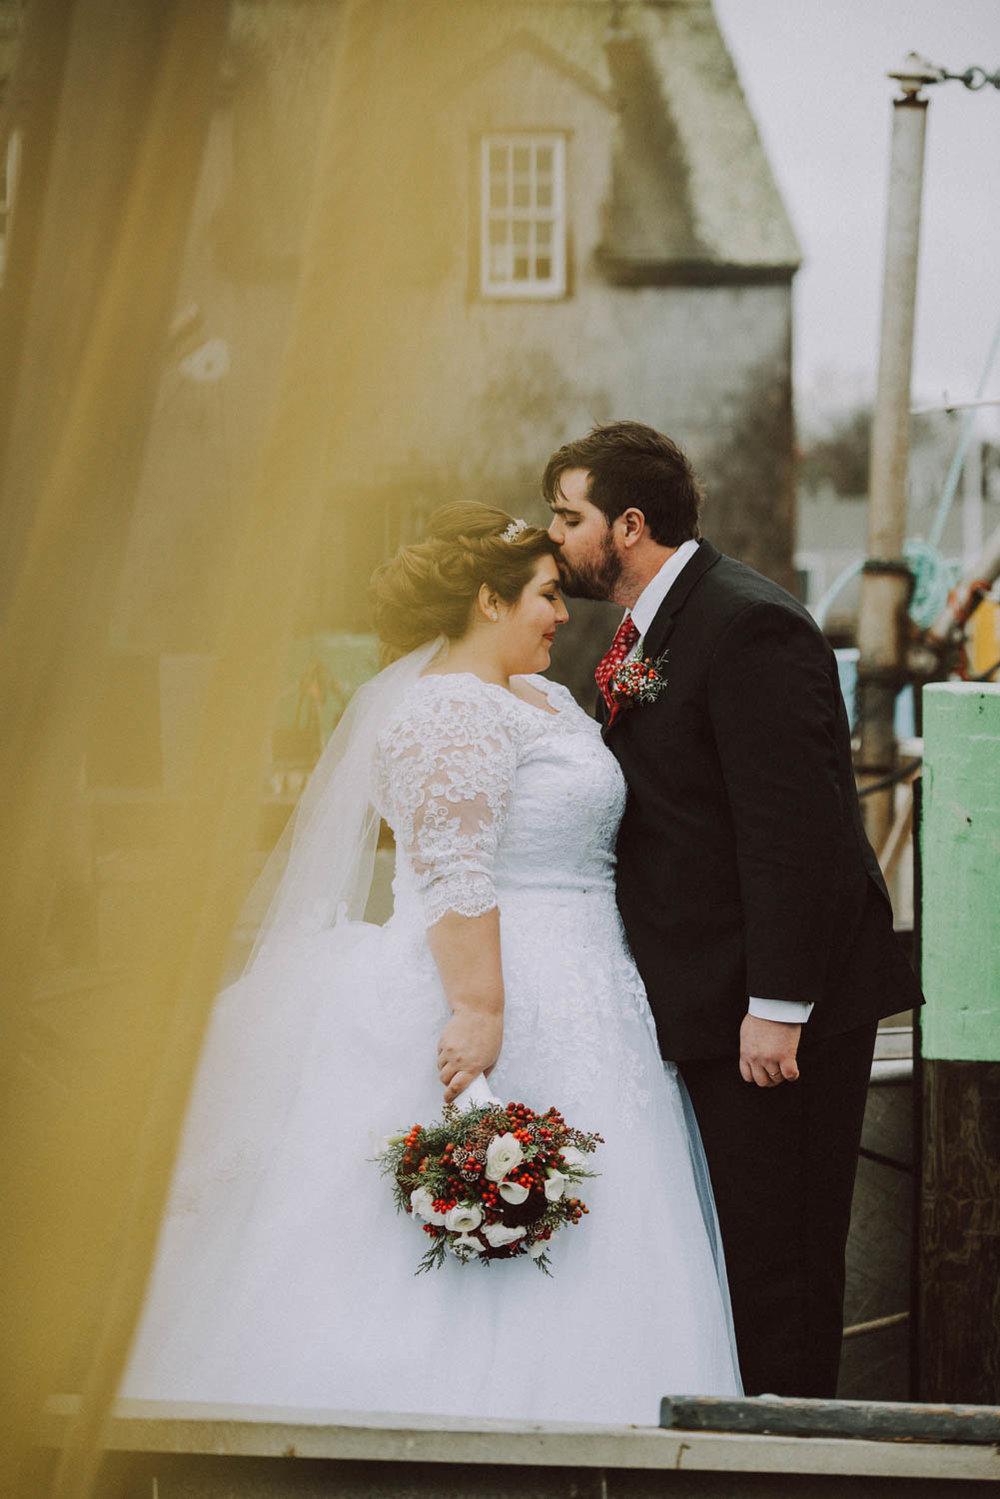 lauren-noah-wedding-photography22.jpg